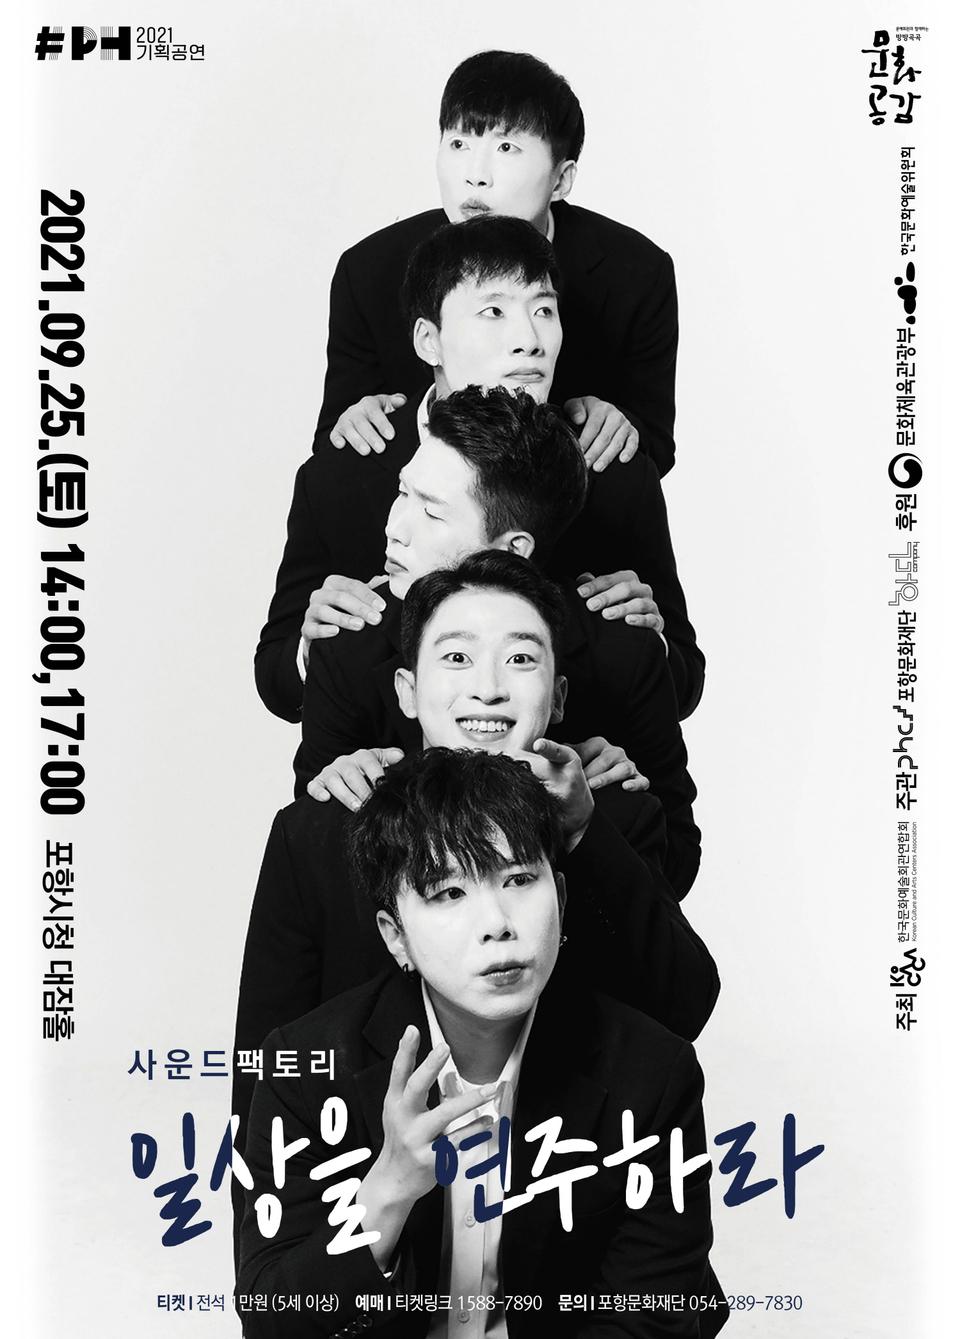 포항문화재단, 민간예술단체 우수공연 '사운드팩토리 일상을 연주하라' 개최